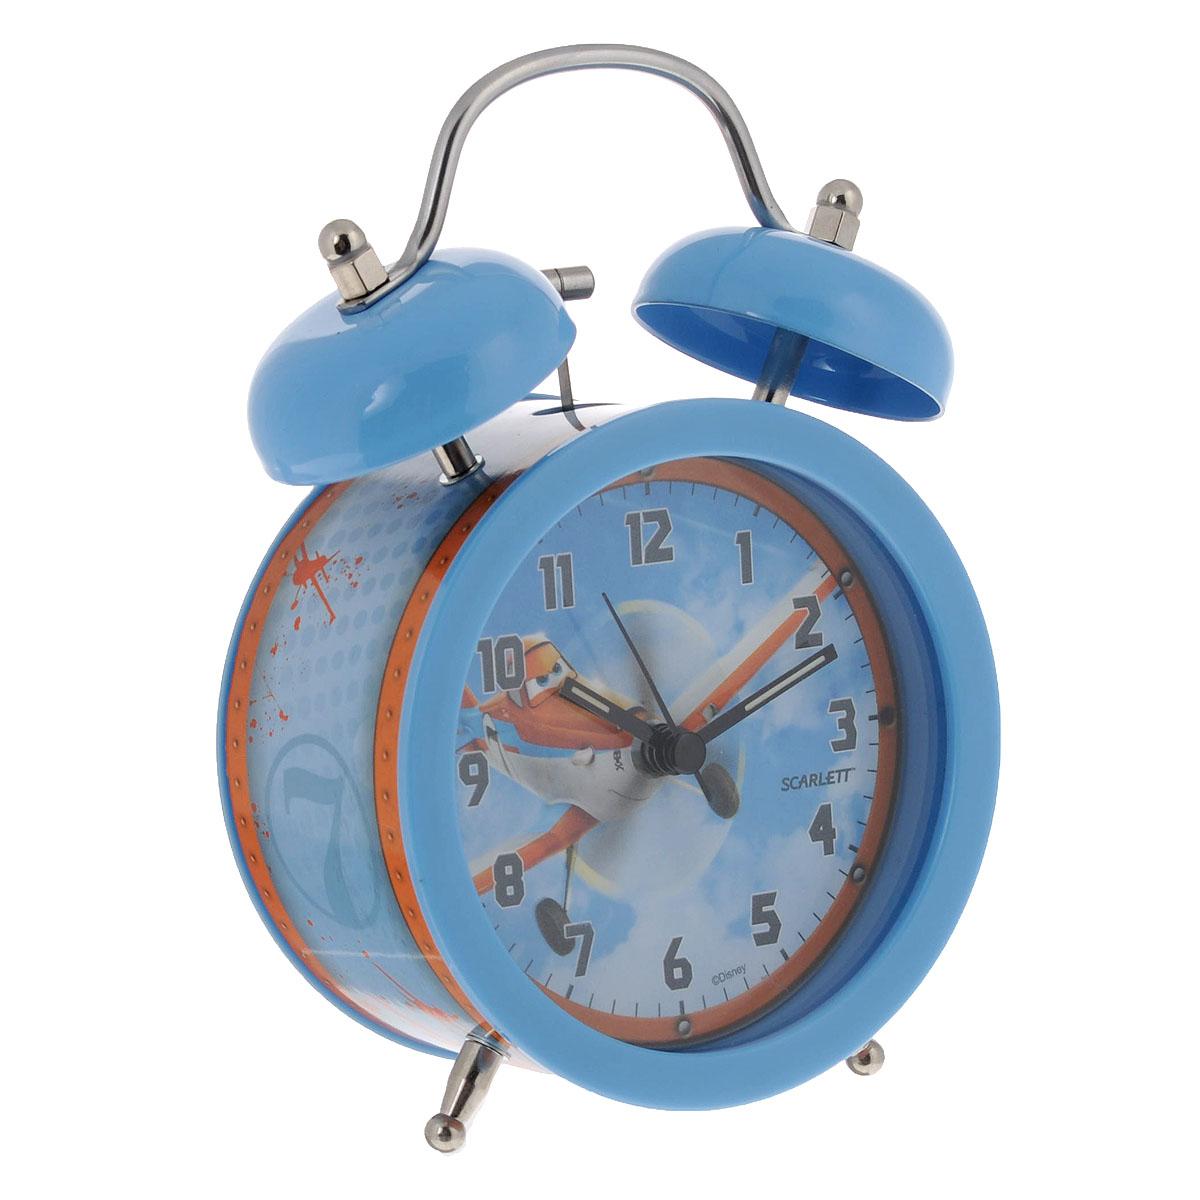 Будильник Scarlett Самолеты, цвет: голубой. SC-ACD05PLSC-ACD05PLБудильник Scarlett Тачки с надежным кварцевым механизмом - это не только функциональное устройство, но и оригинальный элемент декора, который великолепно впишется в интерьер детской комнаты. Он снабжен четырьмя стрелками: часовой, минутной, секундной и стрелкой завода. Циферблат оформлен изображением Дасти из мультфильма Самолеты. Сверху будильника располагается механический звонок. Время включения будильника устанавливается колесиком, затем необходимо перевести переключатель в положение On. Сигнал будильника механический, работает до его отключения. Для этого необходимо перевести переключатель в положение Off. Отличительной особенностью этого будильника является то, что он обладает плавным, бесшумным ходом. В комплект входит инструкция по эксплуатации на русском языке. Порадуйте своего ребенка таким замечательным подарком! Не рекомендуется детям до 3-х лет. Необходимо докупить 1 батарейку напряжением 1,5V типа АА (не входит в комплект).